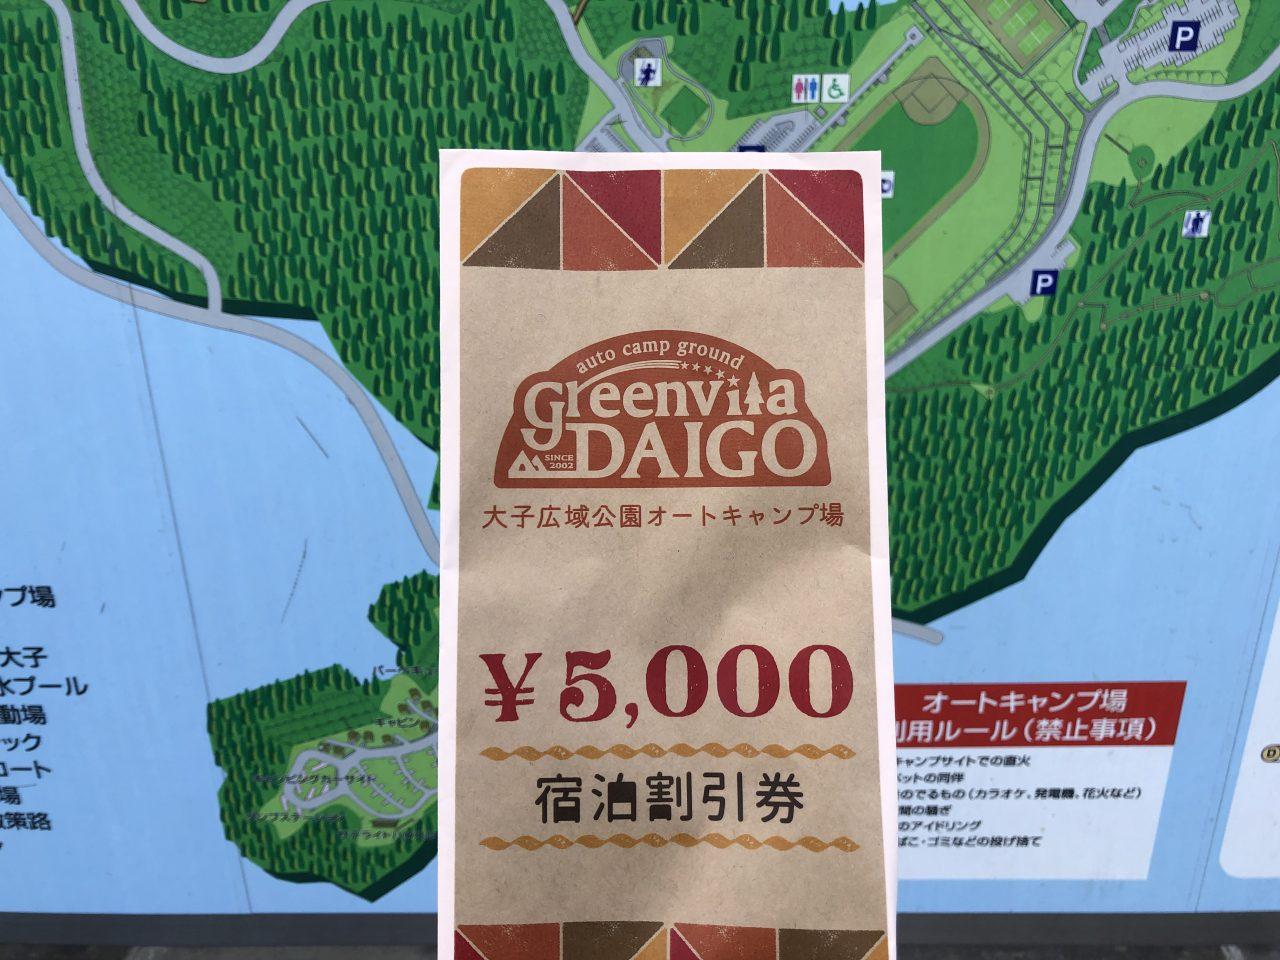 アウトドアデイジャパンで落札した宿泊割引券